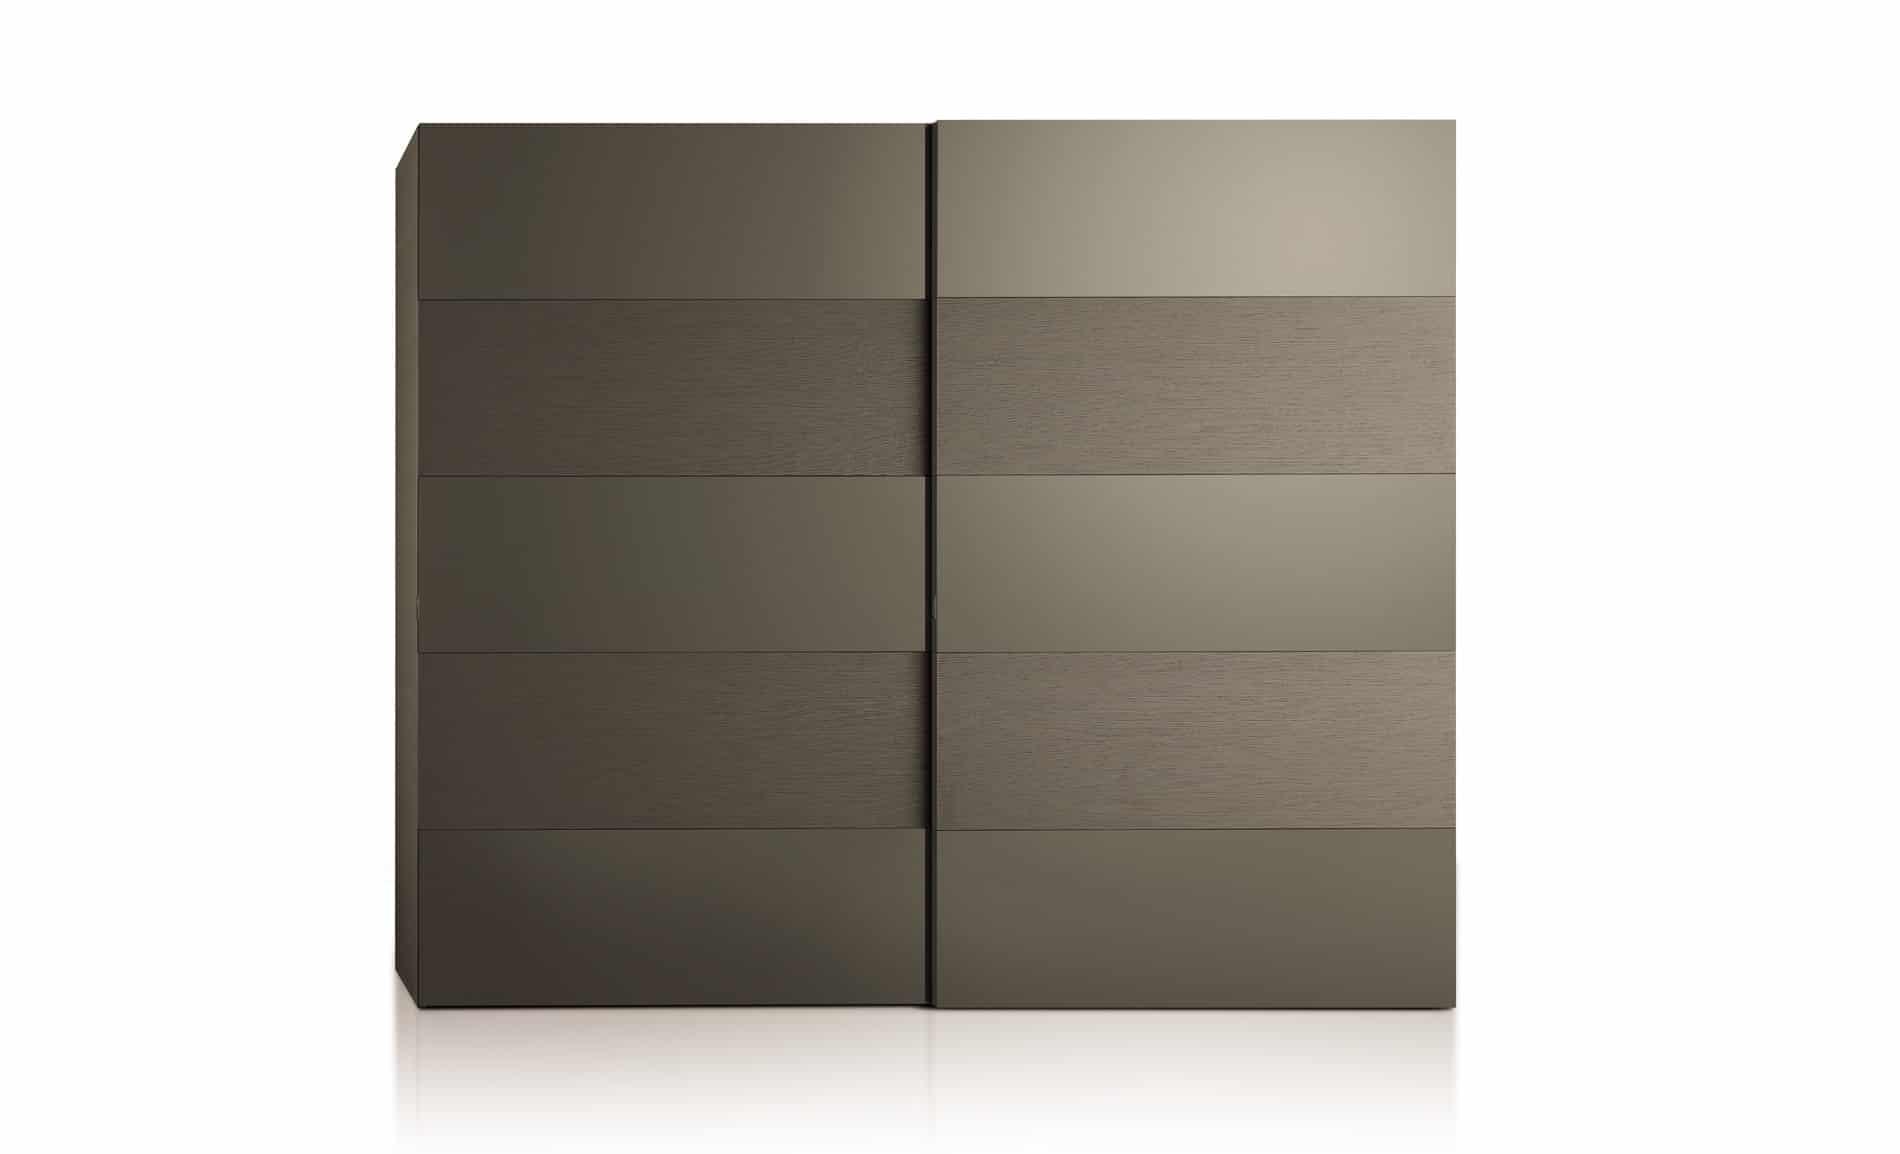 schiebet ren kleiderschrank g nstig kaufen. Black Bedroom Furniture Sets. Home Design Ideas